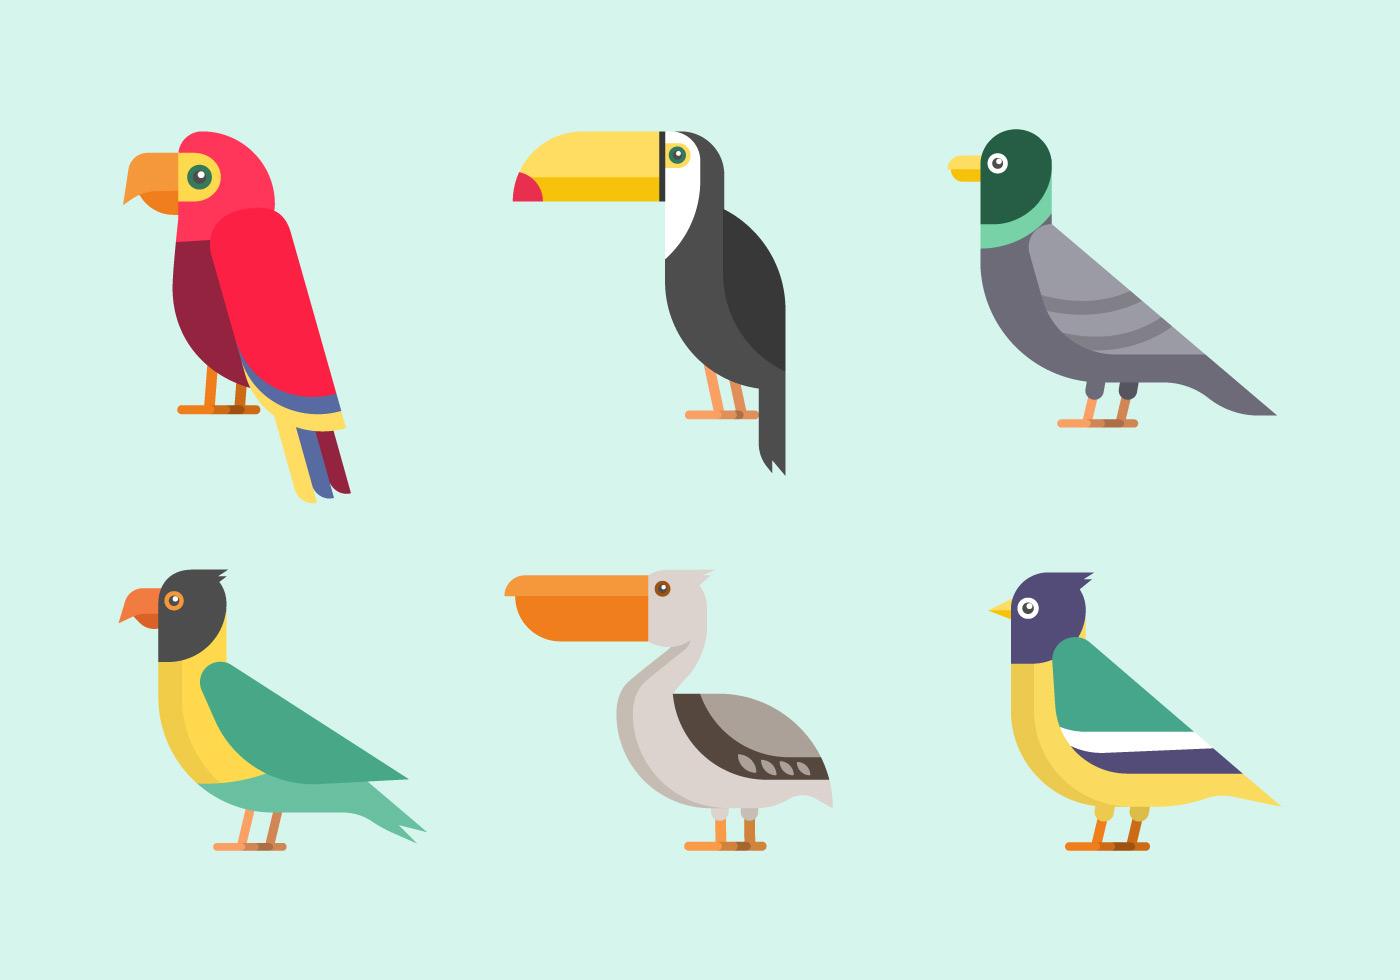 Clipart Oiseau Telecharger Vectoriel Gratuit Clipart Graphique Vecteur Dessins Et Pictogramme Gratuit